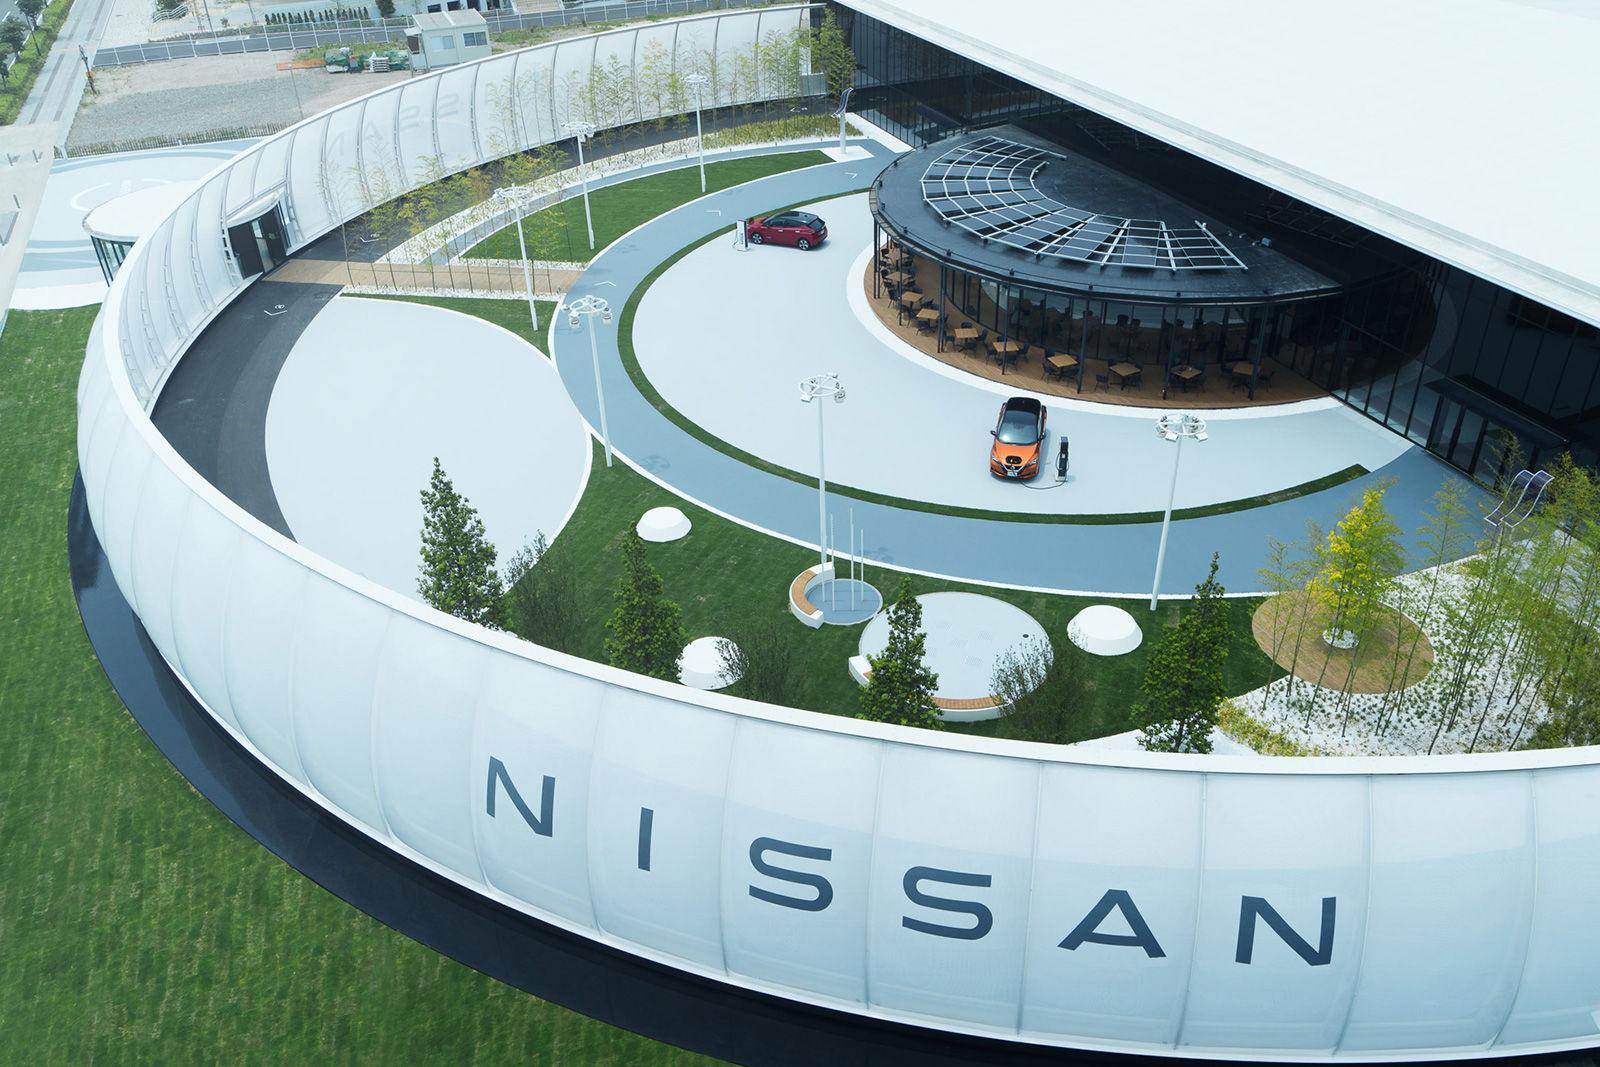 Nissan the Pavilion